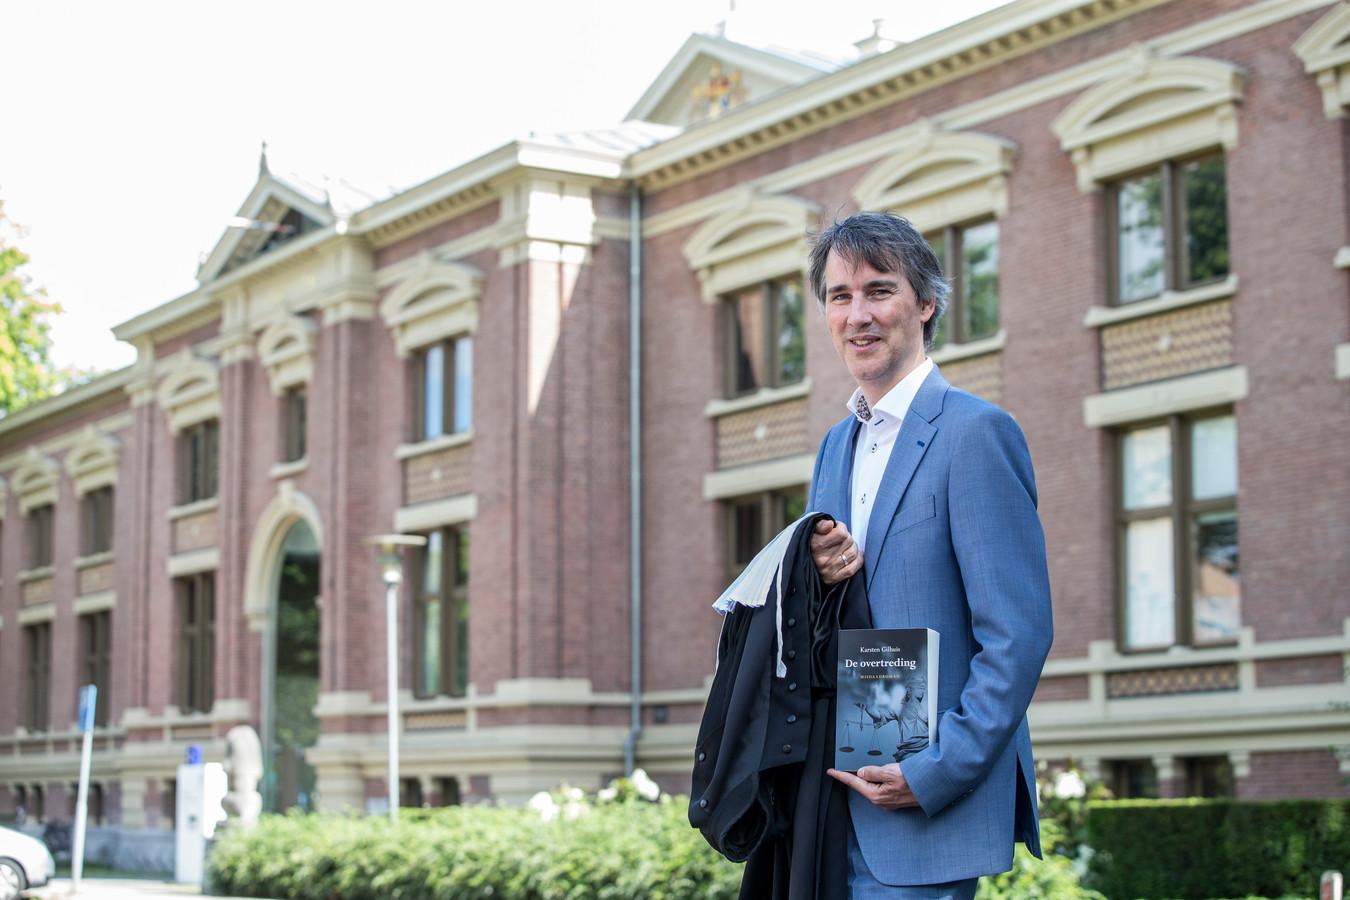 Rechter Karsten Gilhuis uit Zutphen geeft met debuutroman bijzonder kijkje in wereld rechterlijke macht.